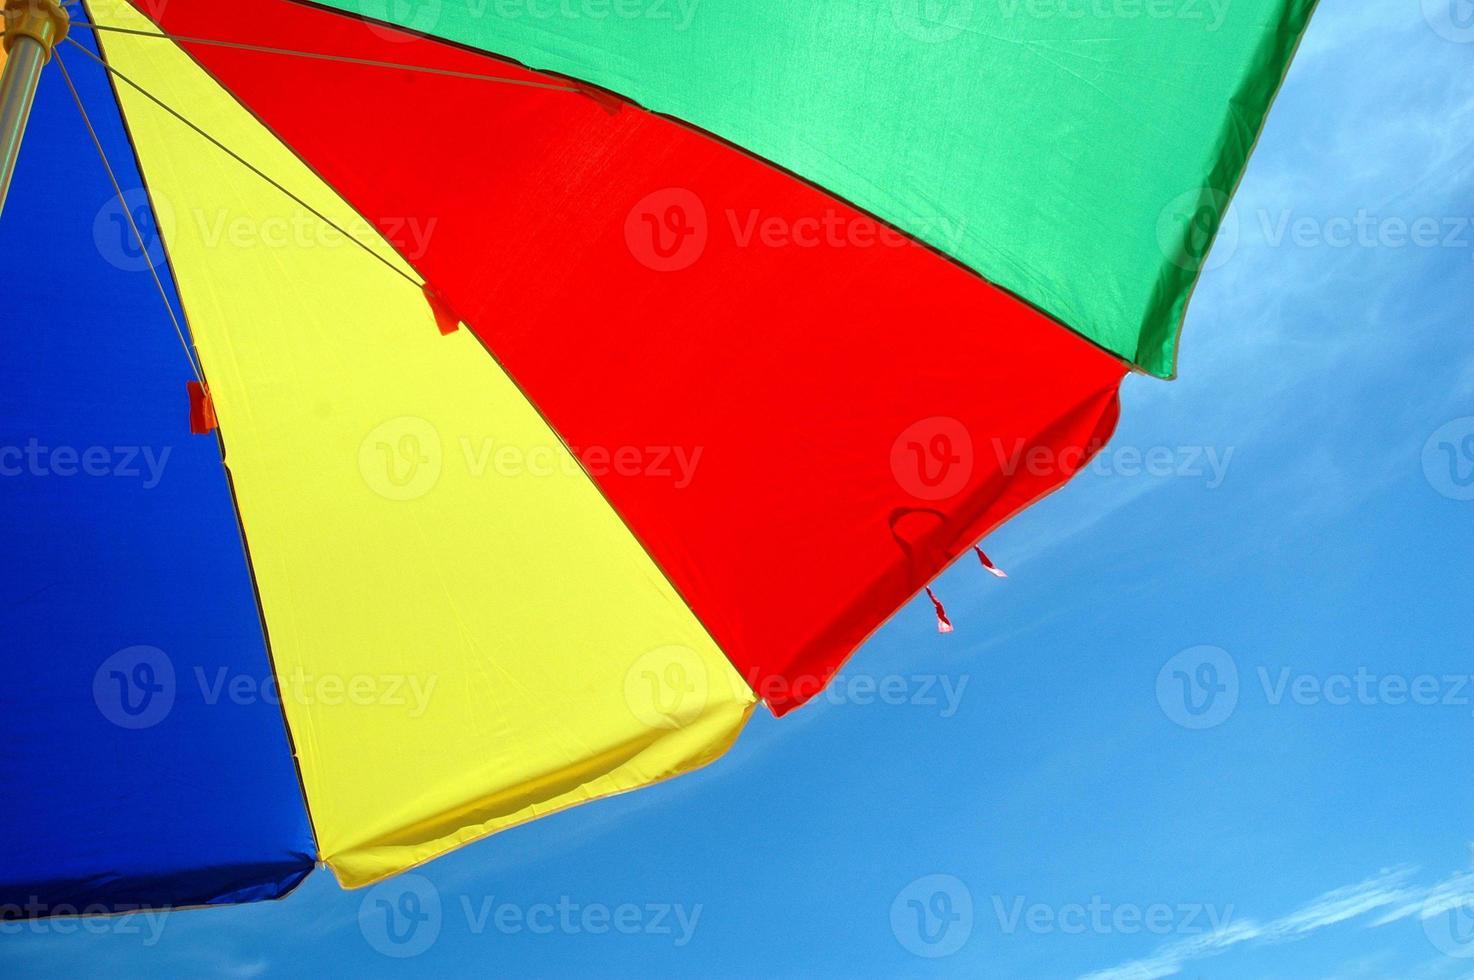 barraca de guarda-chuva colorida com fundo de céu azul foto